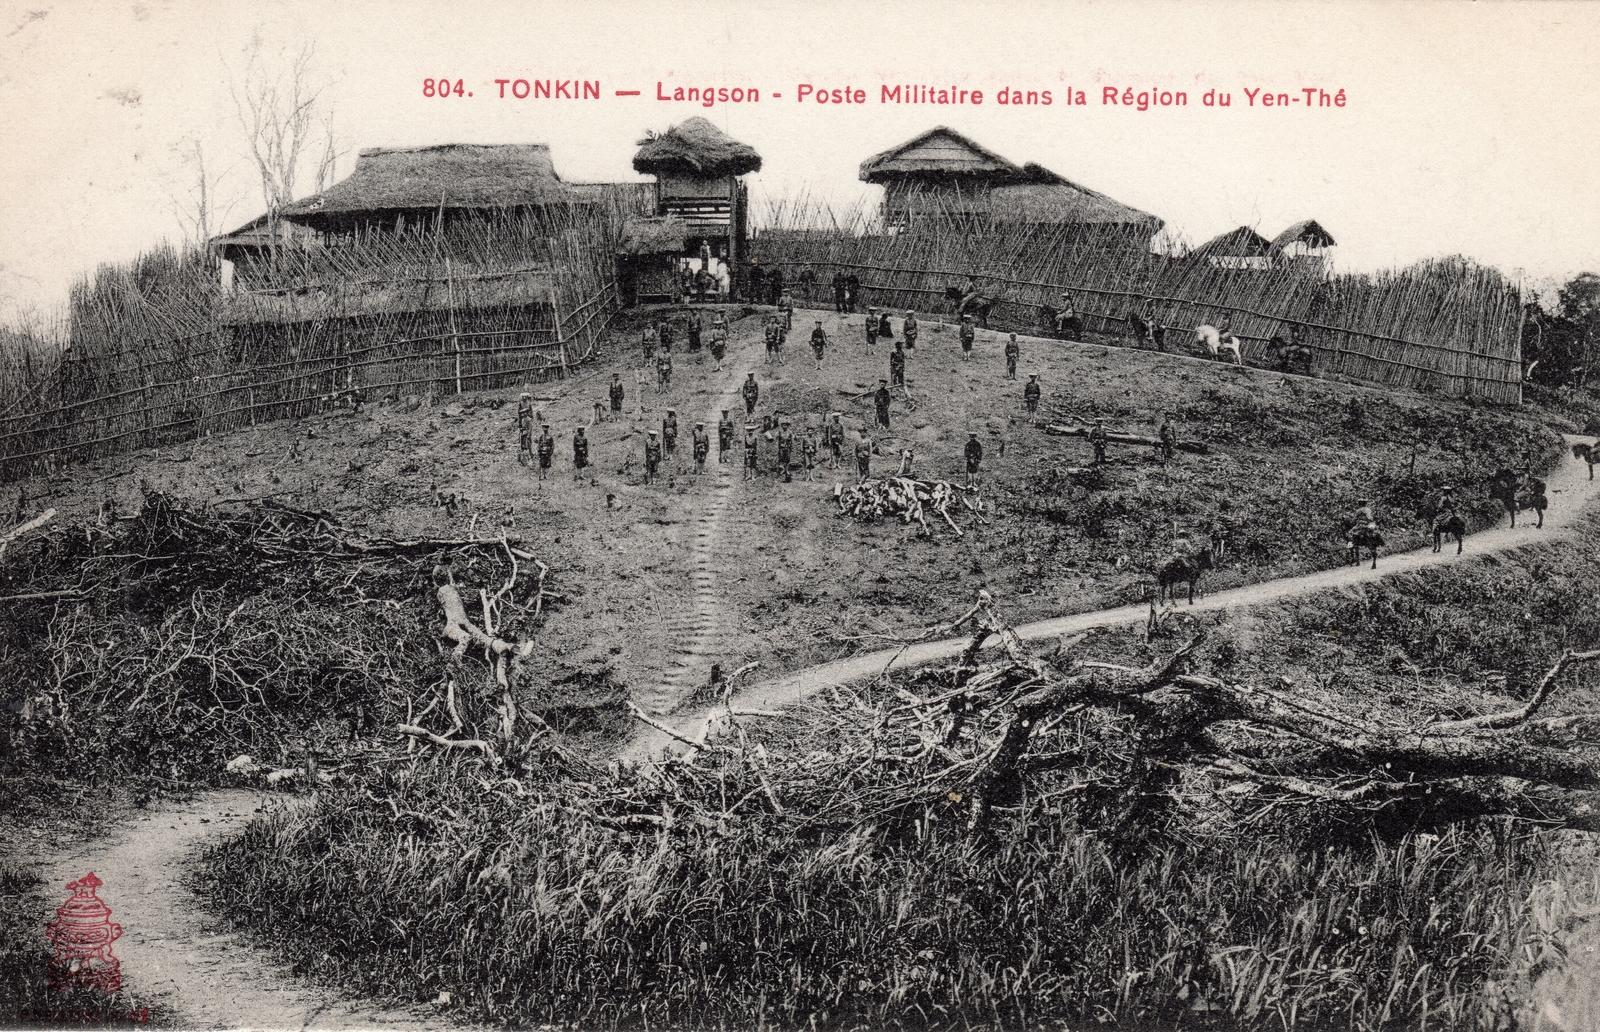 Région du Yen-Thé -  TONKIN-Poste Militaire dans la Région du Yen Thé